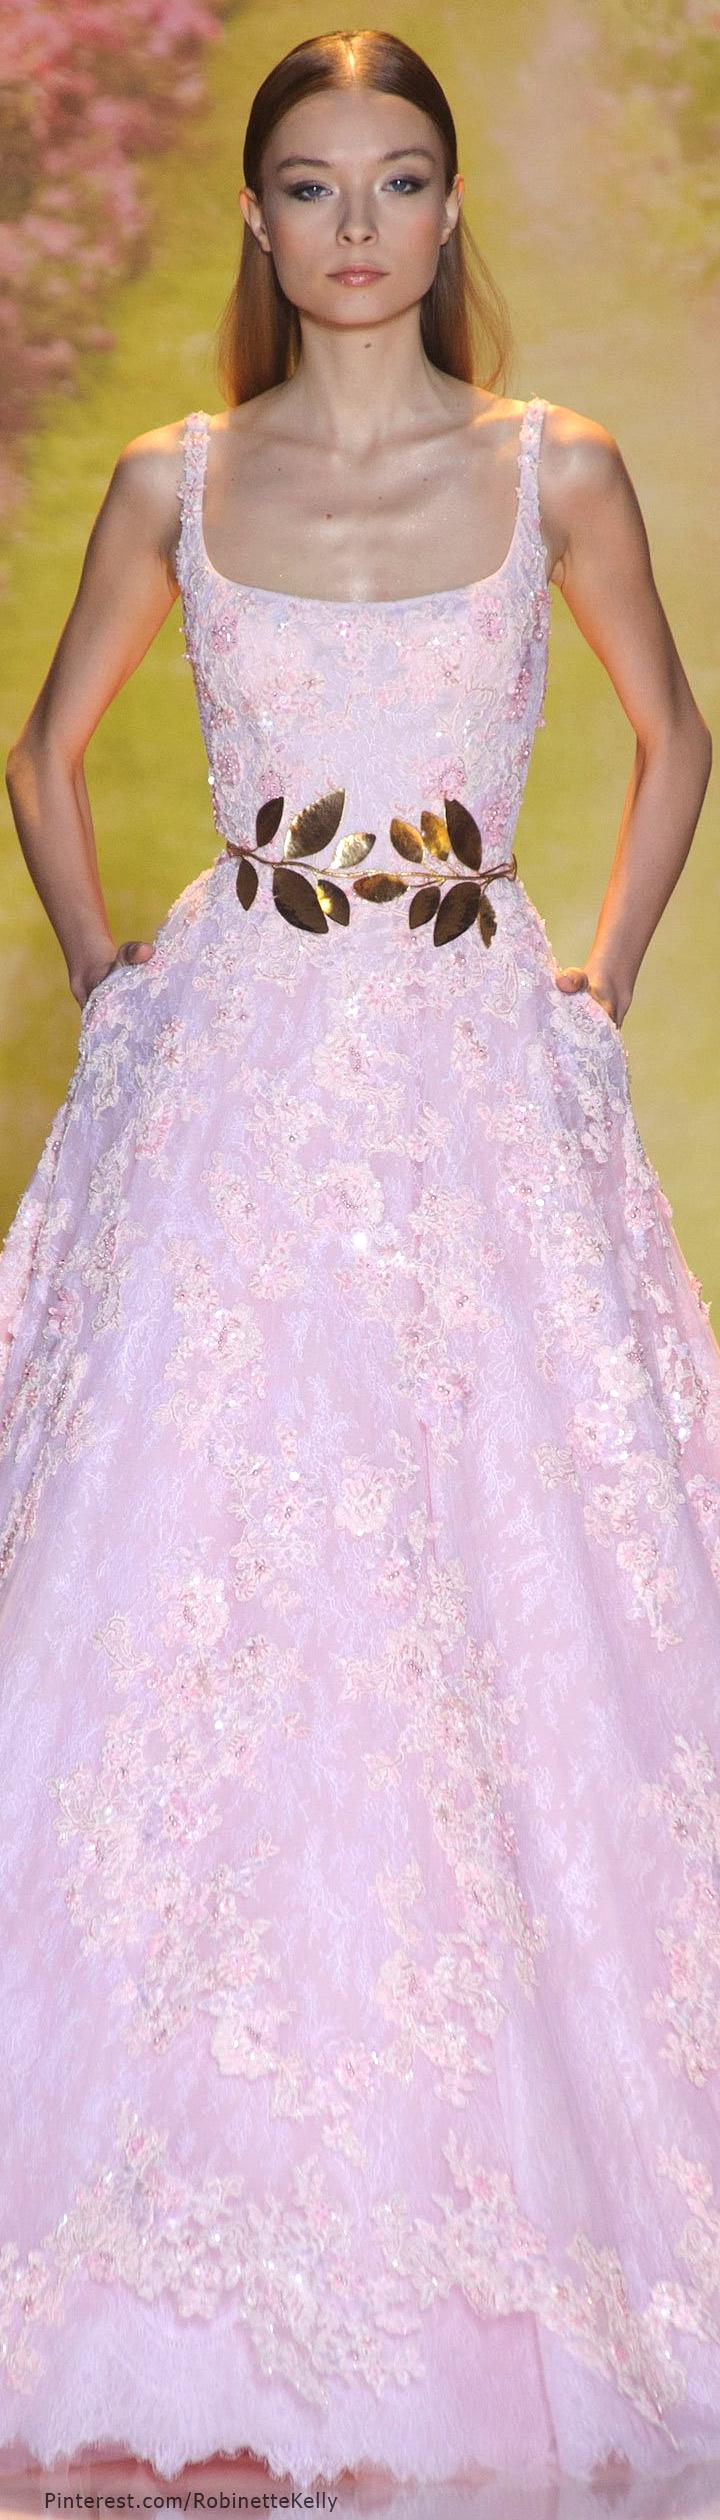 Zuhair Murad Haute Couture | S/S 2014 v | Zuhair Murad | Pinterest ...